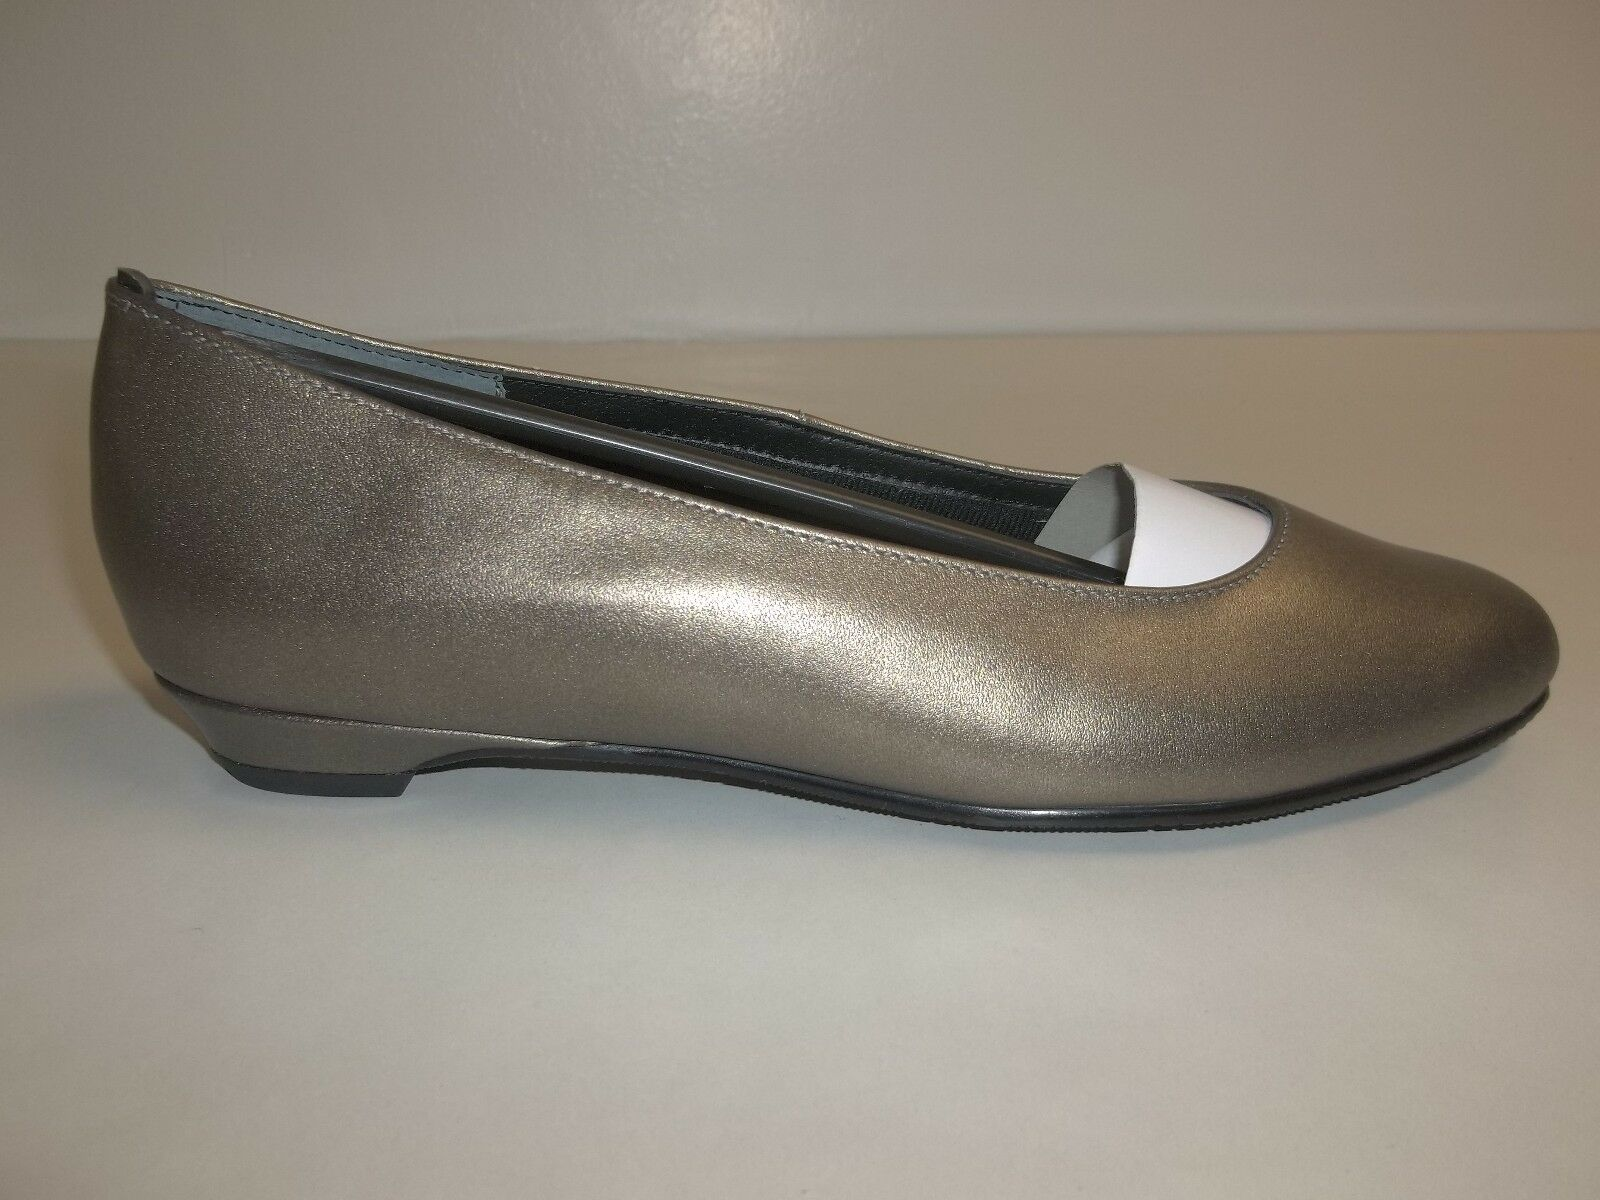 Rose Petals Größe 8 Wide BUTTER Bronze Leder Dress Pump Flats New Damenschuhe Schuhes